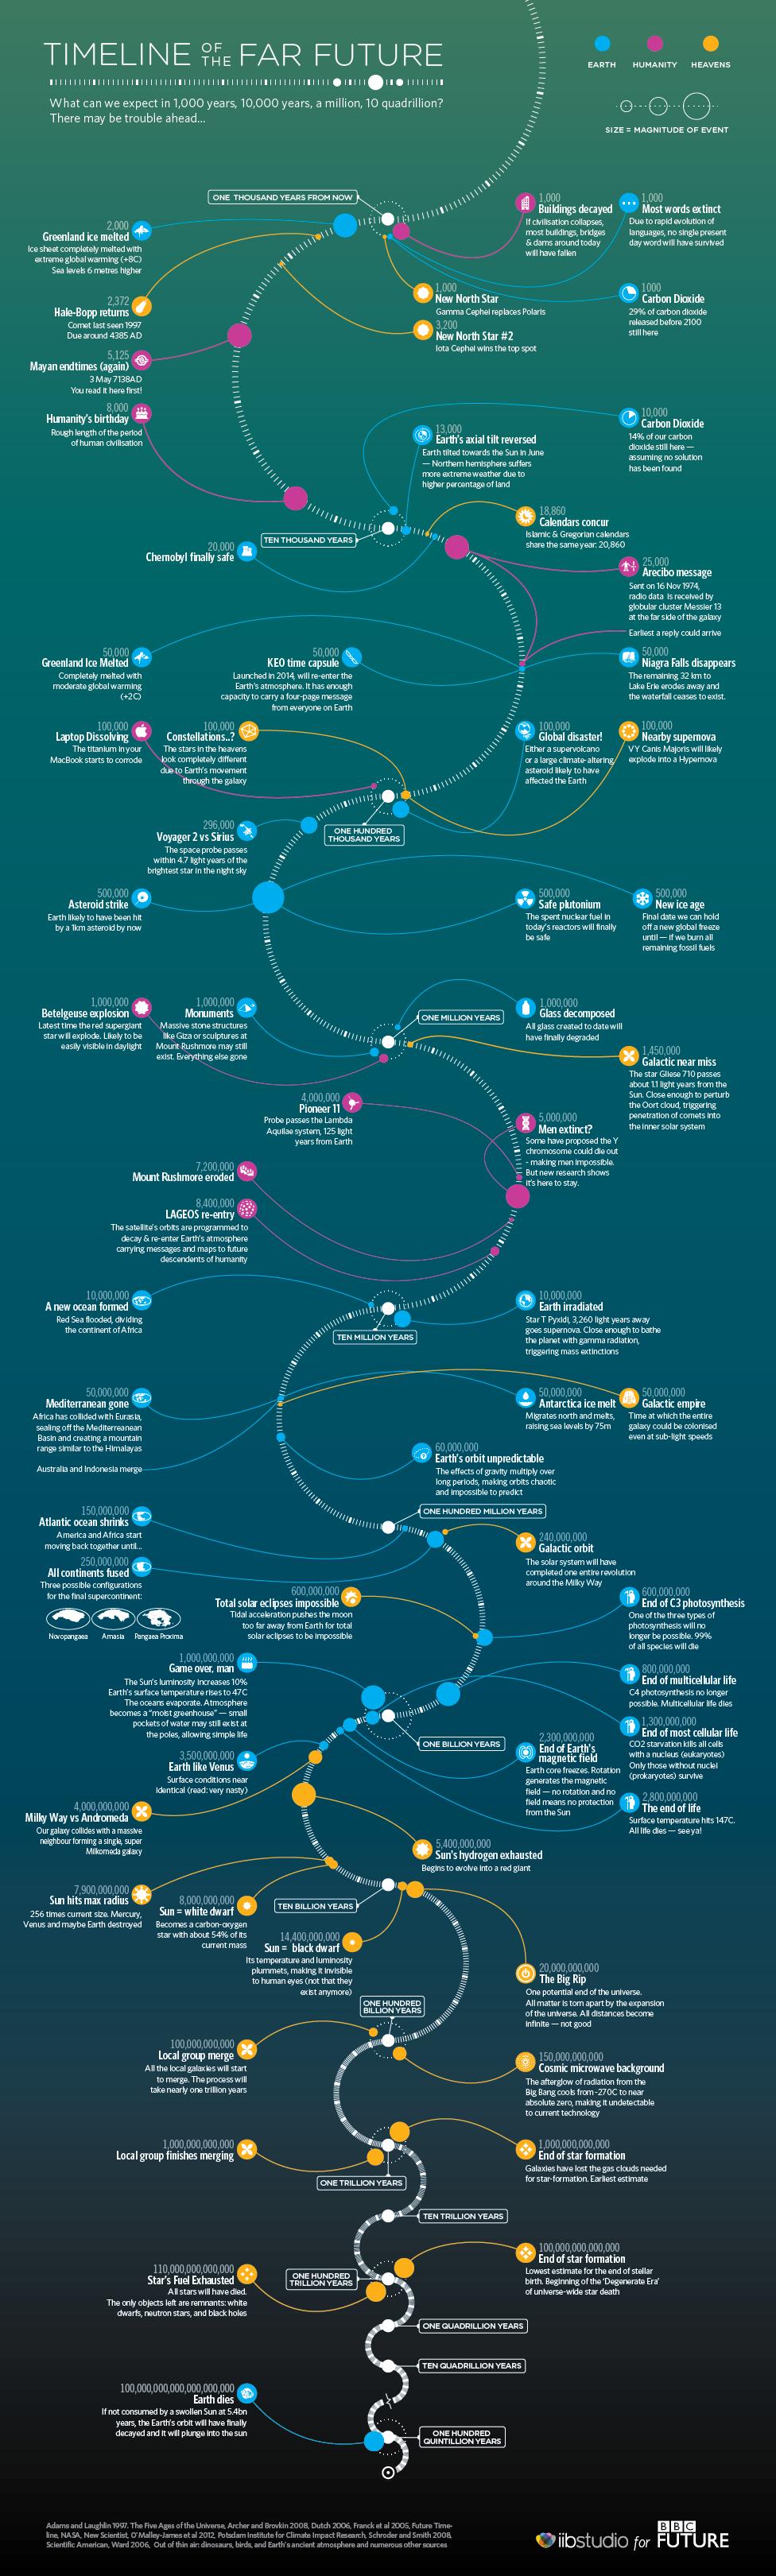 far-future-timeline_041114